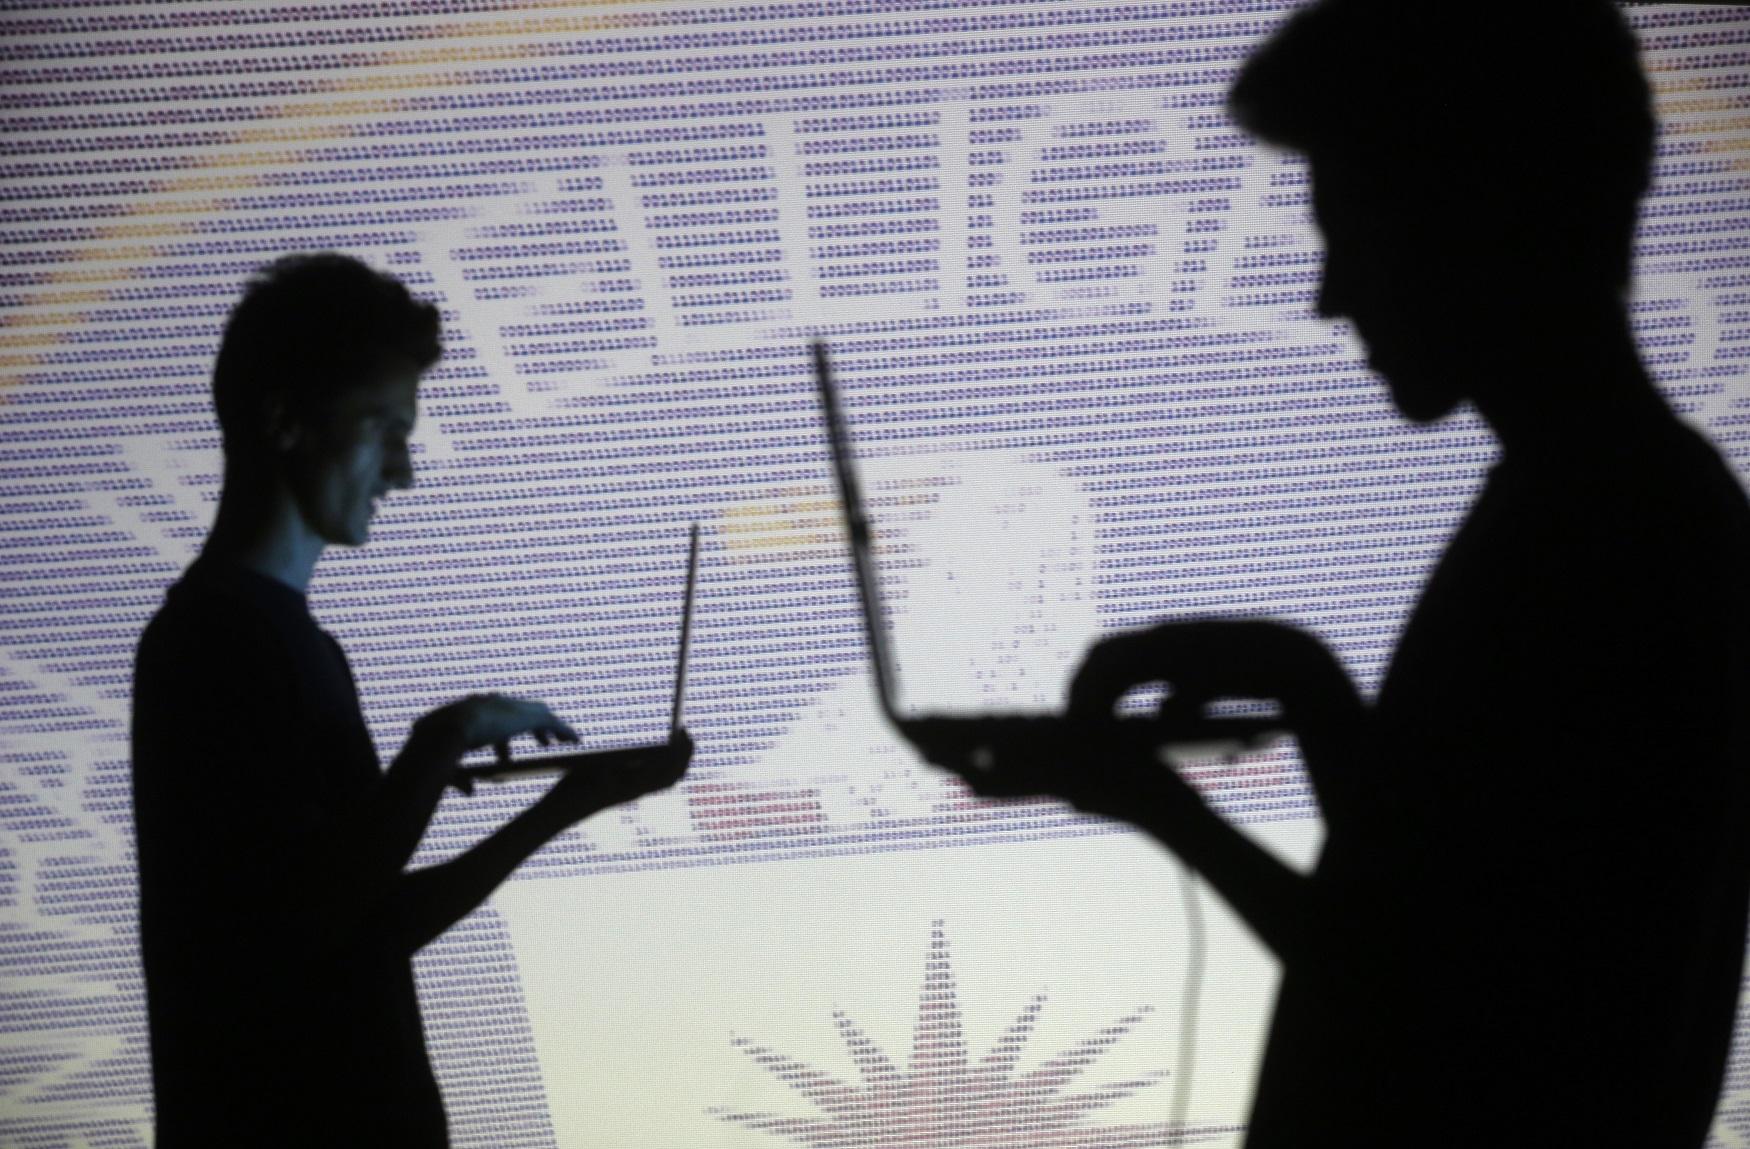 CIA spying WikiLeaks